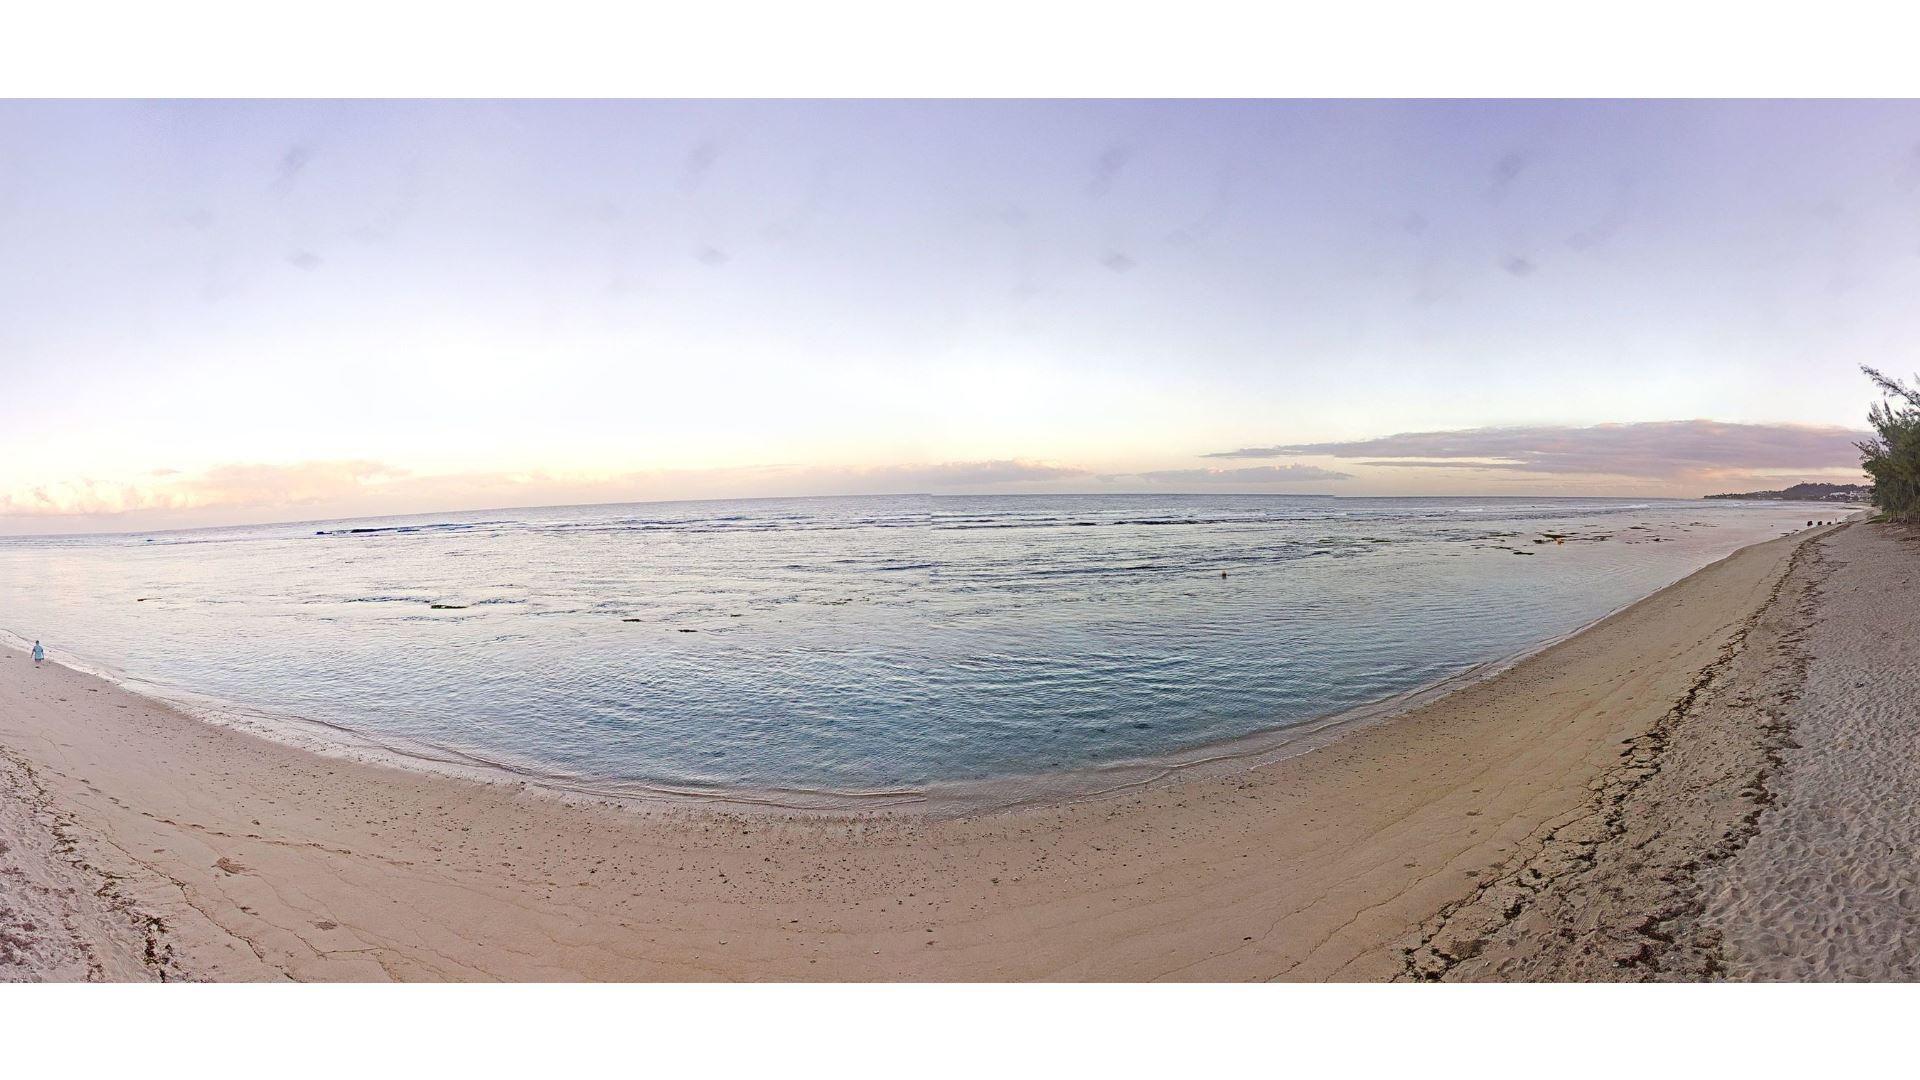 Belle journée en perspective sur les plages de l'ouest réunionnais. Météo Réunion.